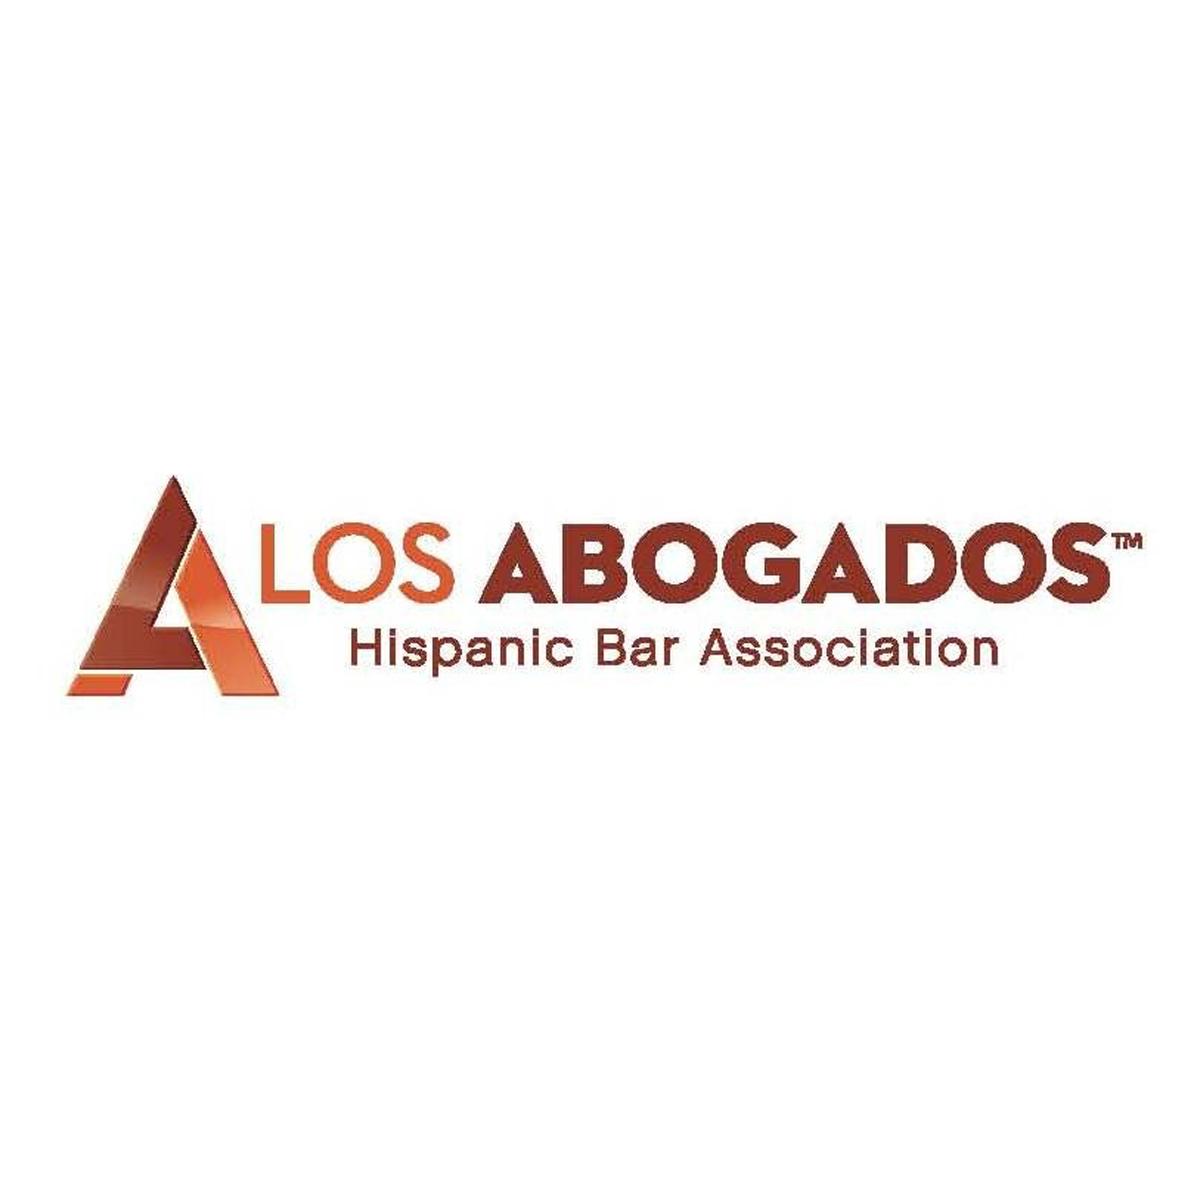 Los_Abogados.jpg